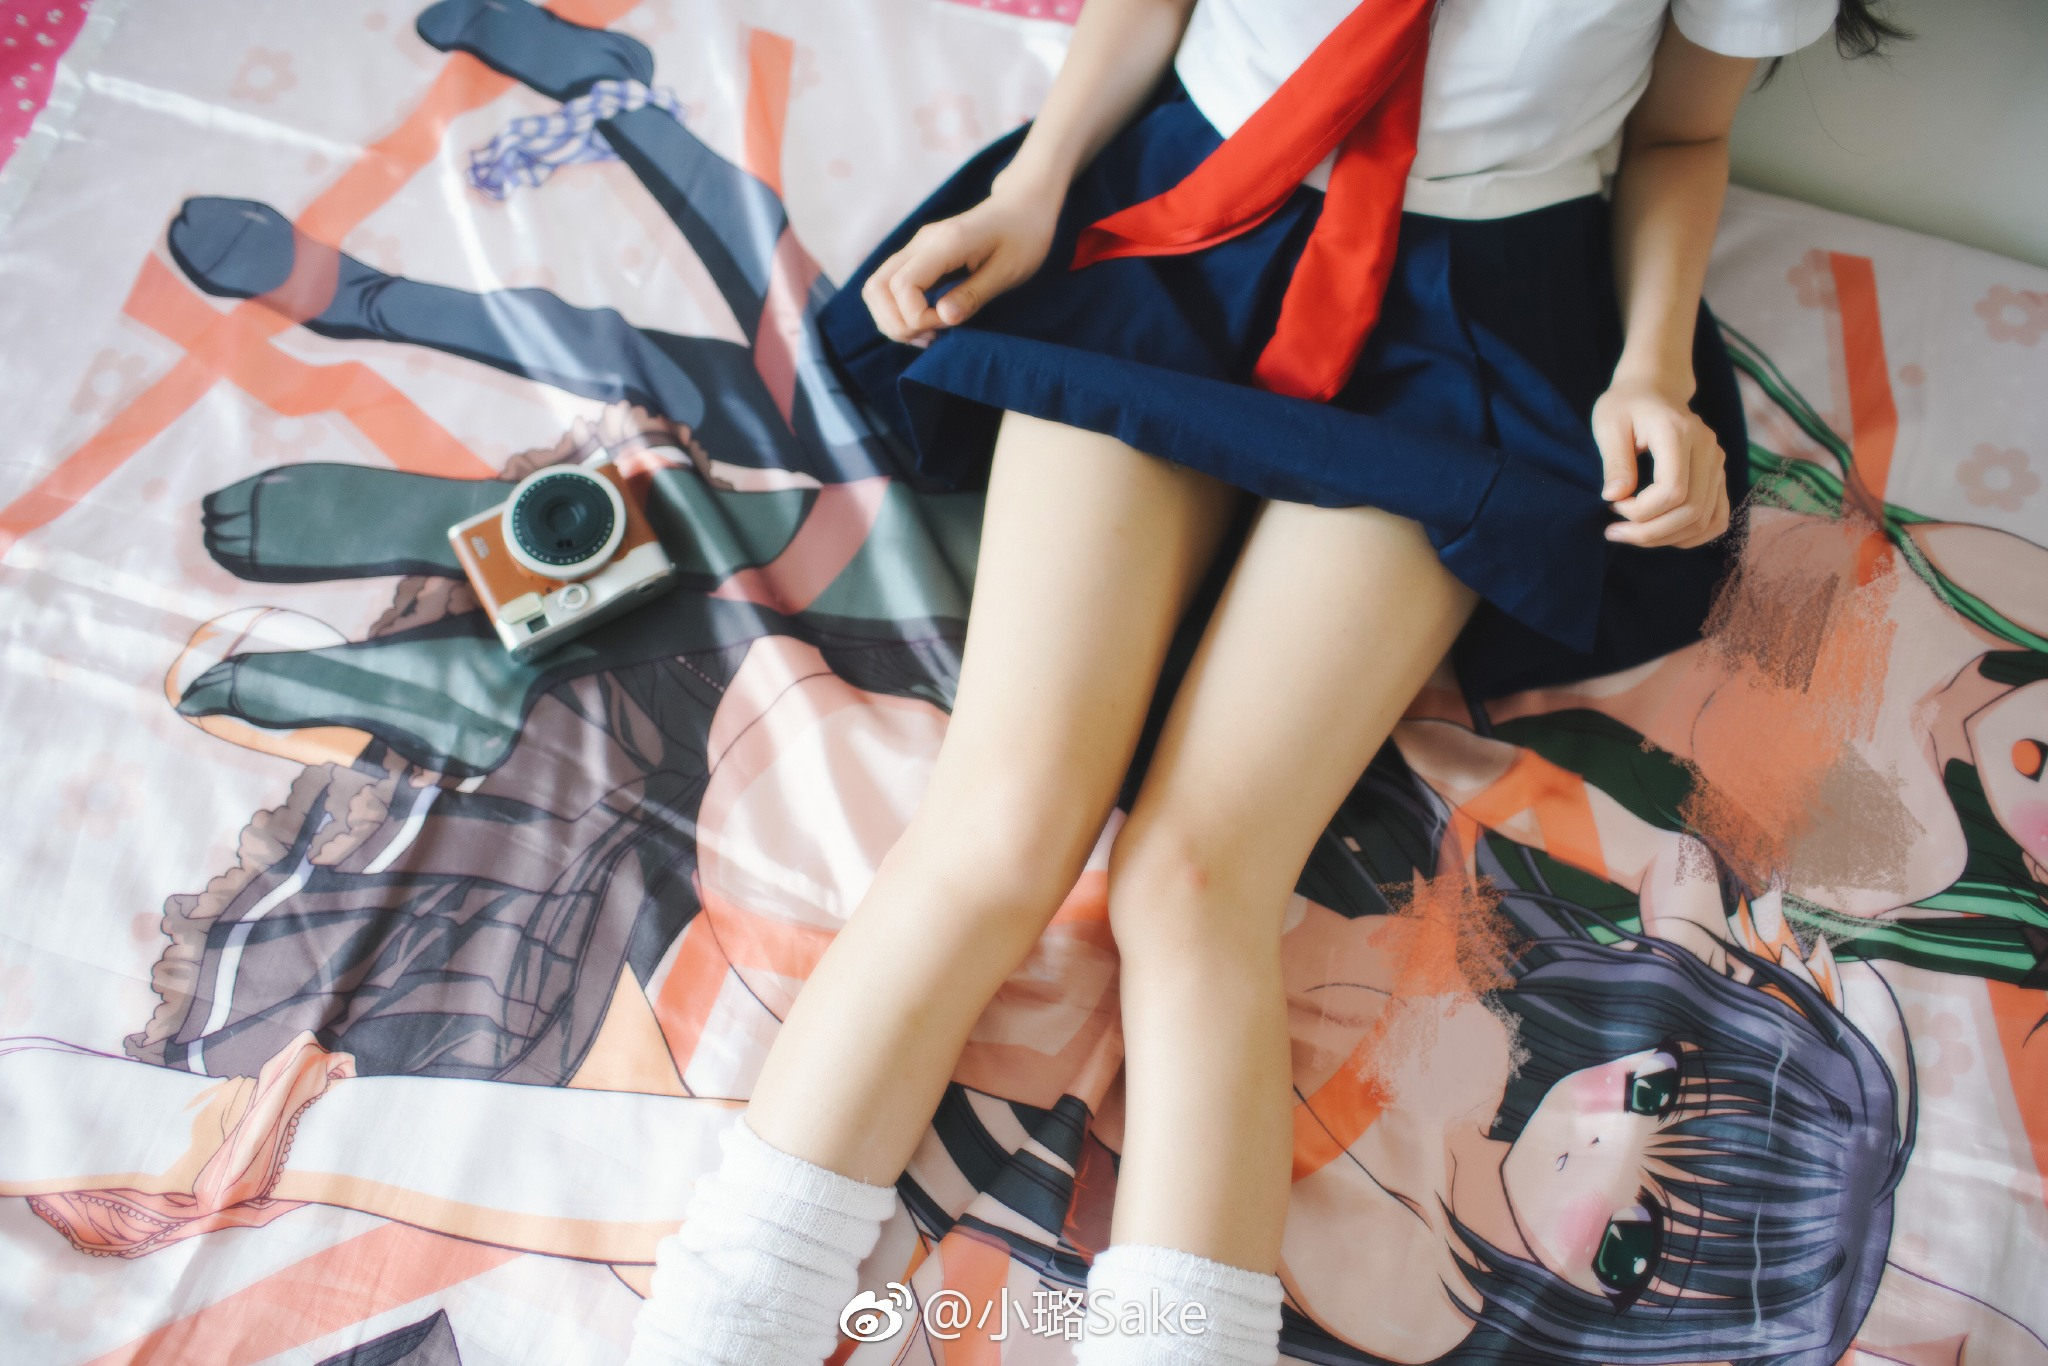 萌妹子制服福利图片,我喜欢床上那个相机!(9P)